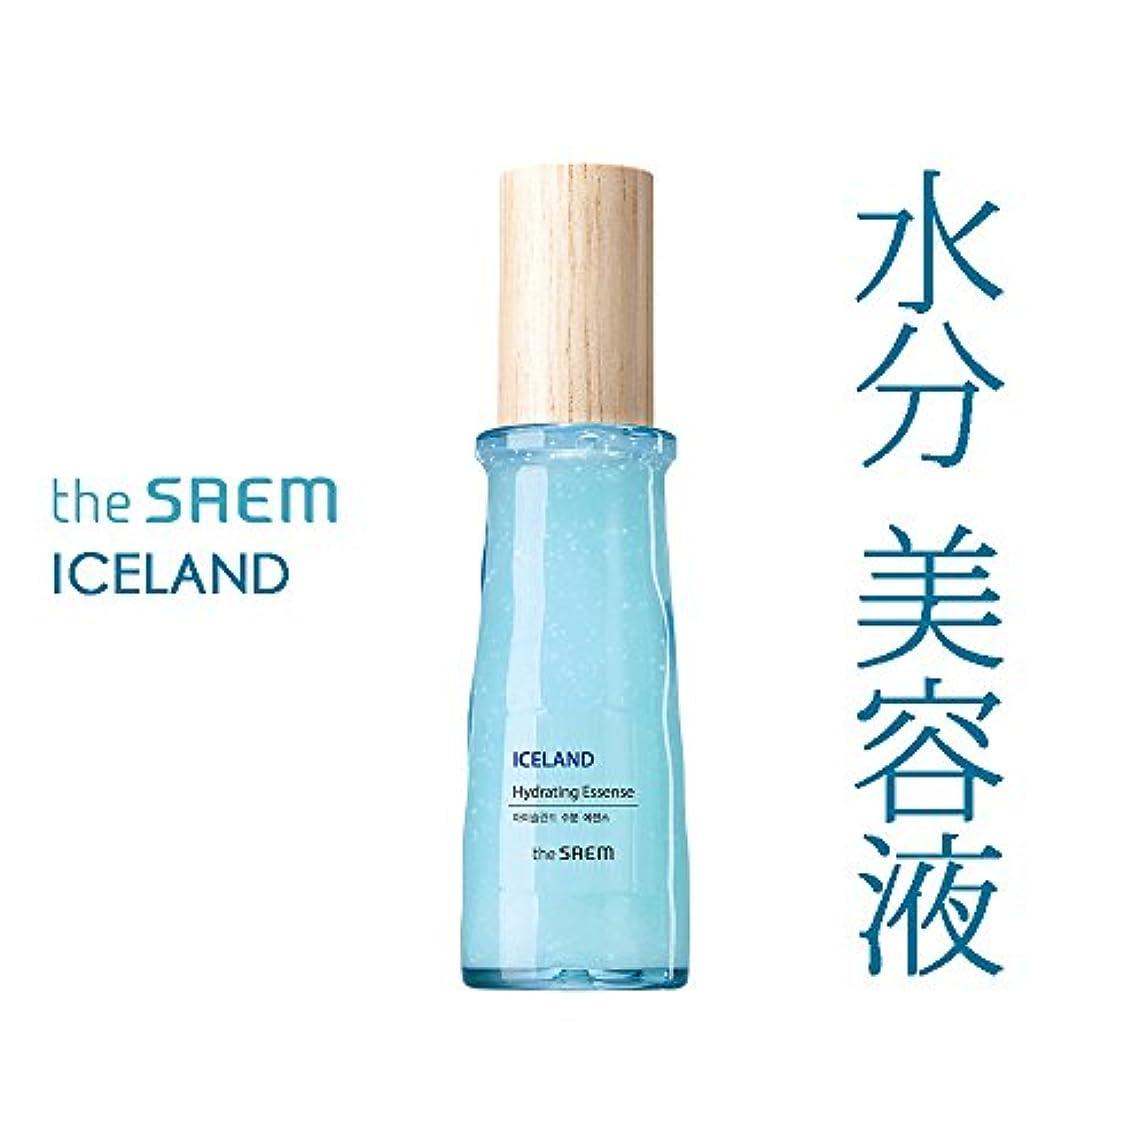 一回バックグラウンド悪党ザ セム The saem アイスランド 水分 美容液 エッセンス The Saem Iceland Hydrating Essence 60ml